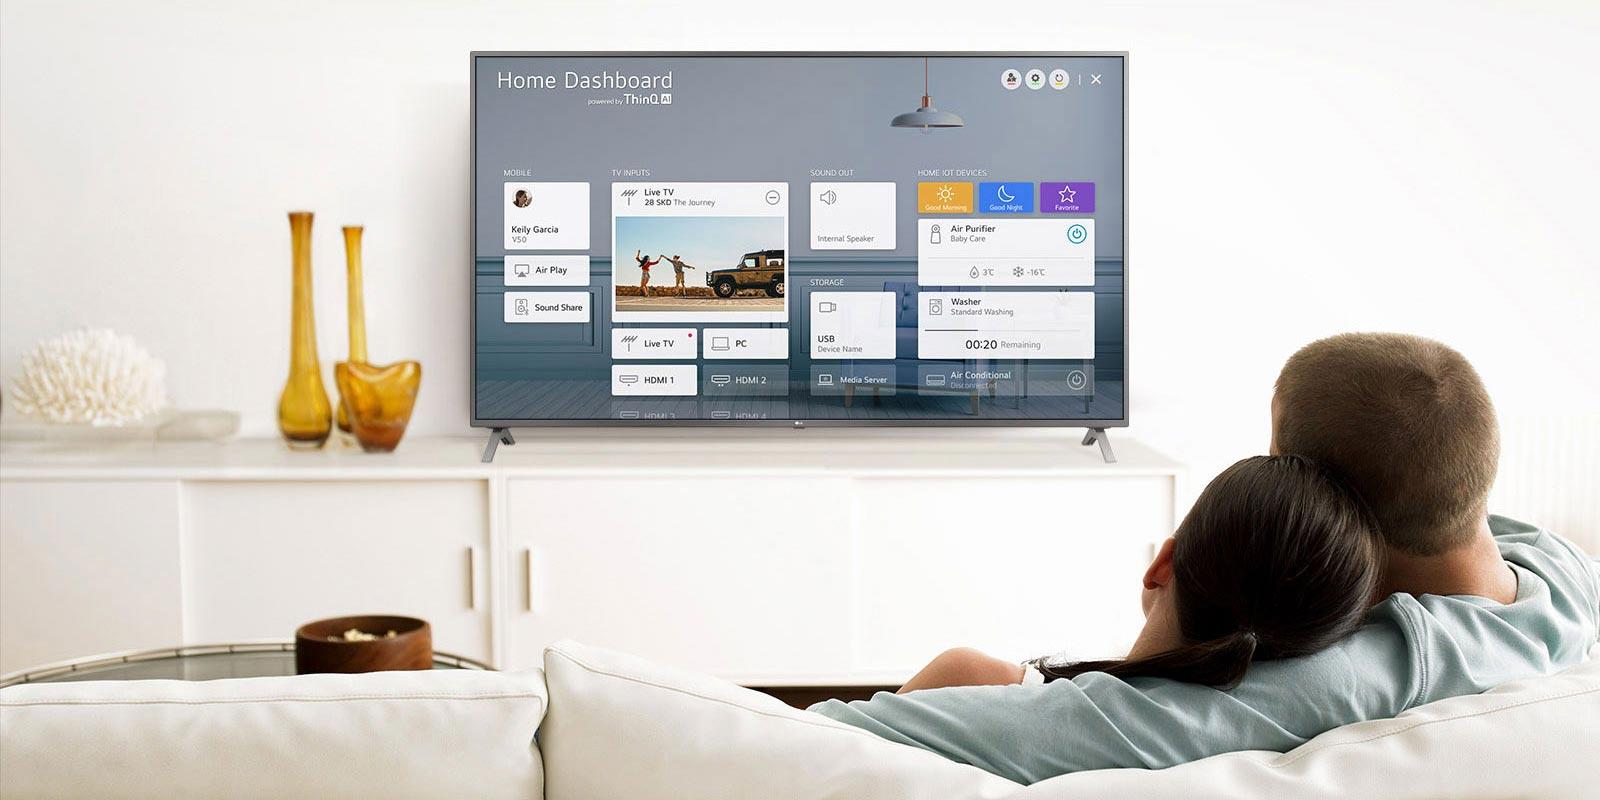 Egy férfi és egy nő ül a kanapén a nappaliban, ahol az otthoni irányítópult jelenik meg a TV képernyőjén